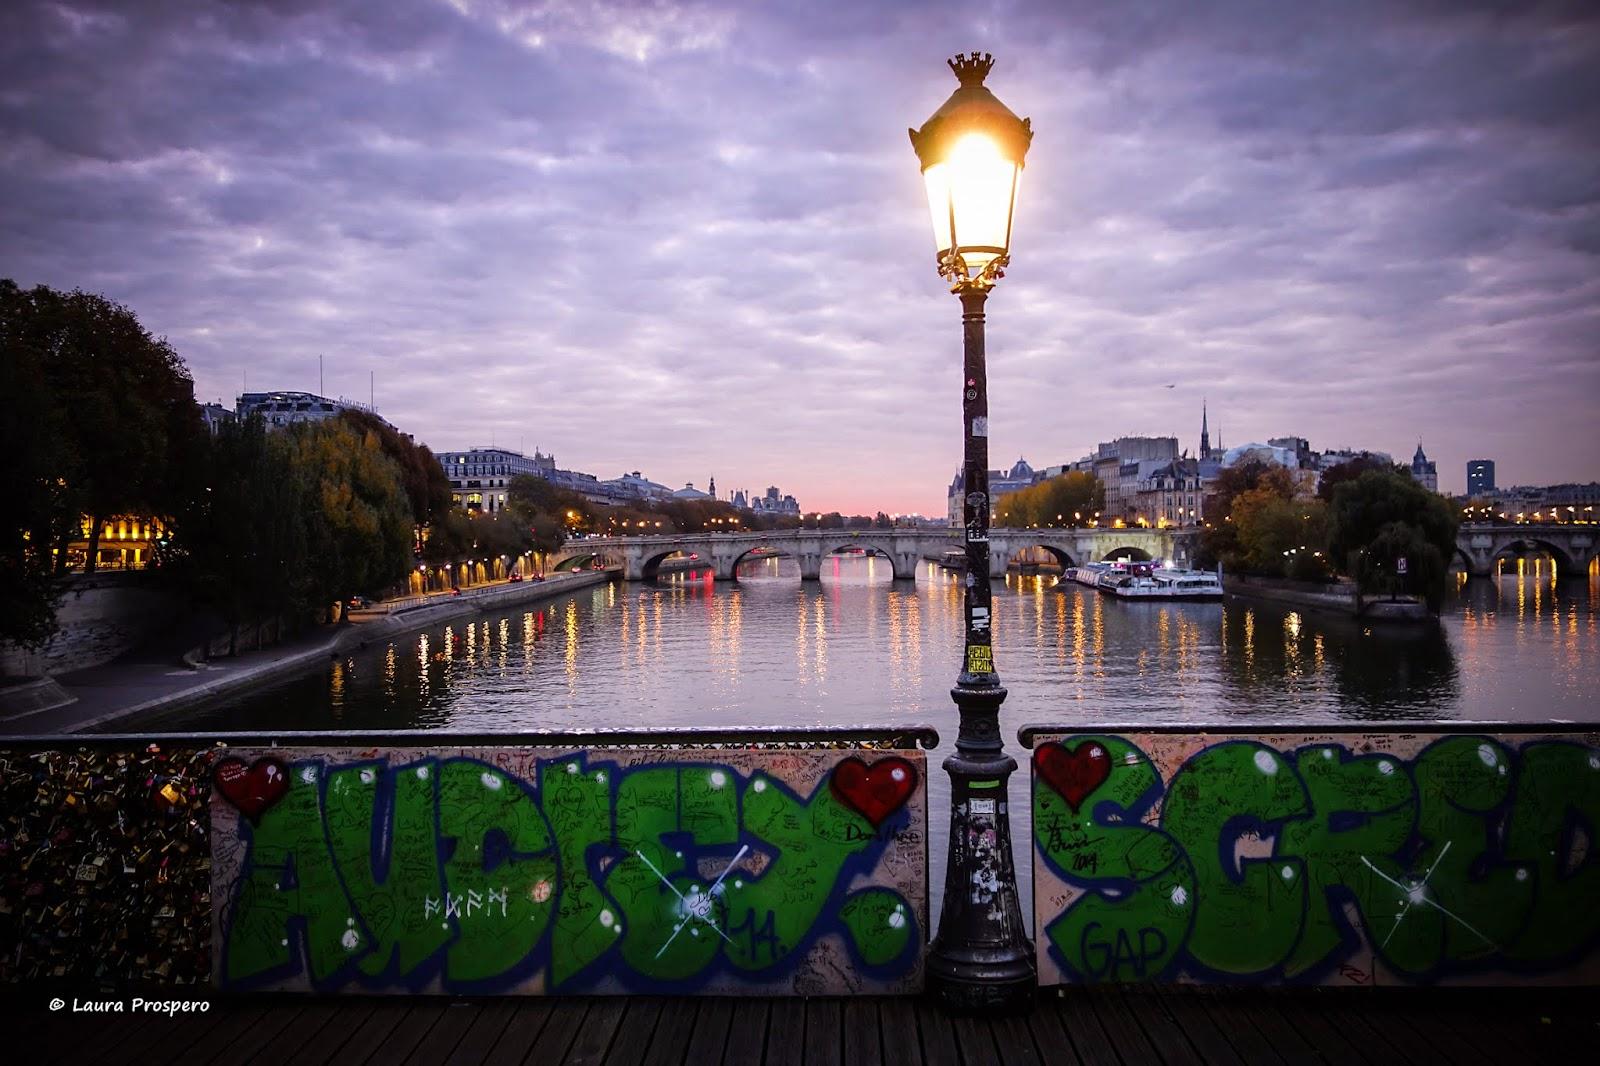 lever du jour - pont des arts 31oct14 © Laura Prospero